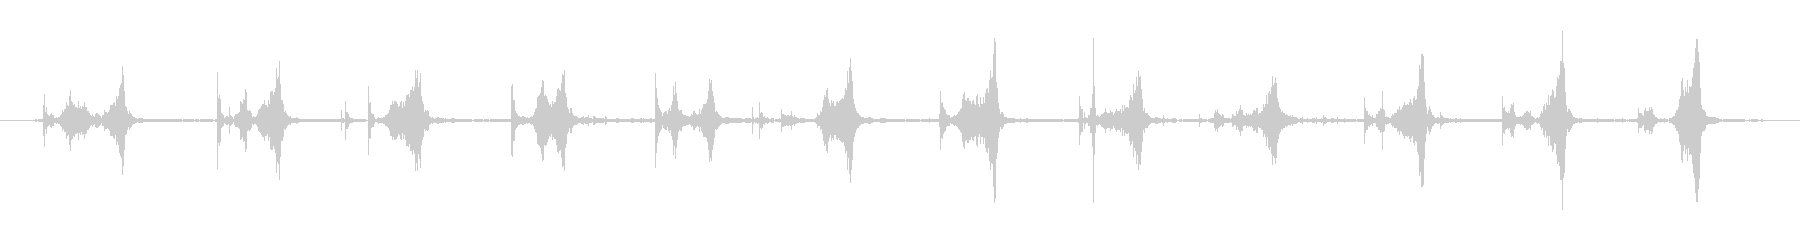 スヌーカーキューのチョークチップ:...の未再生の波形